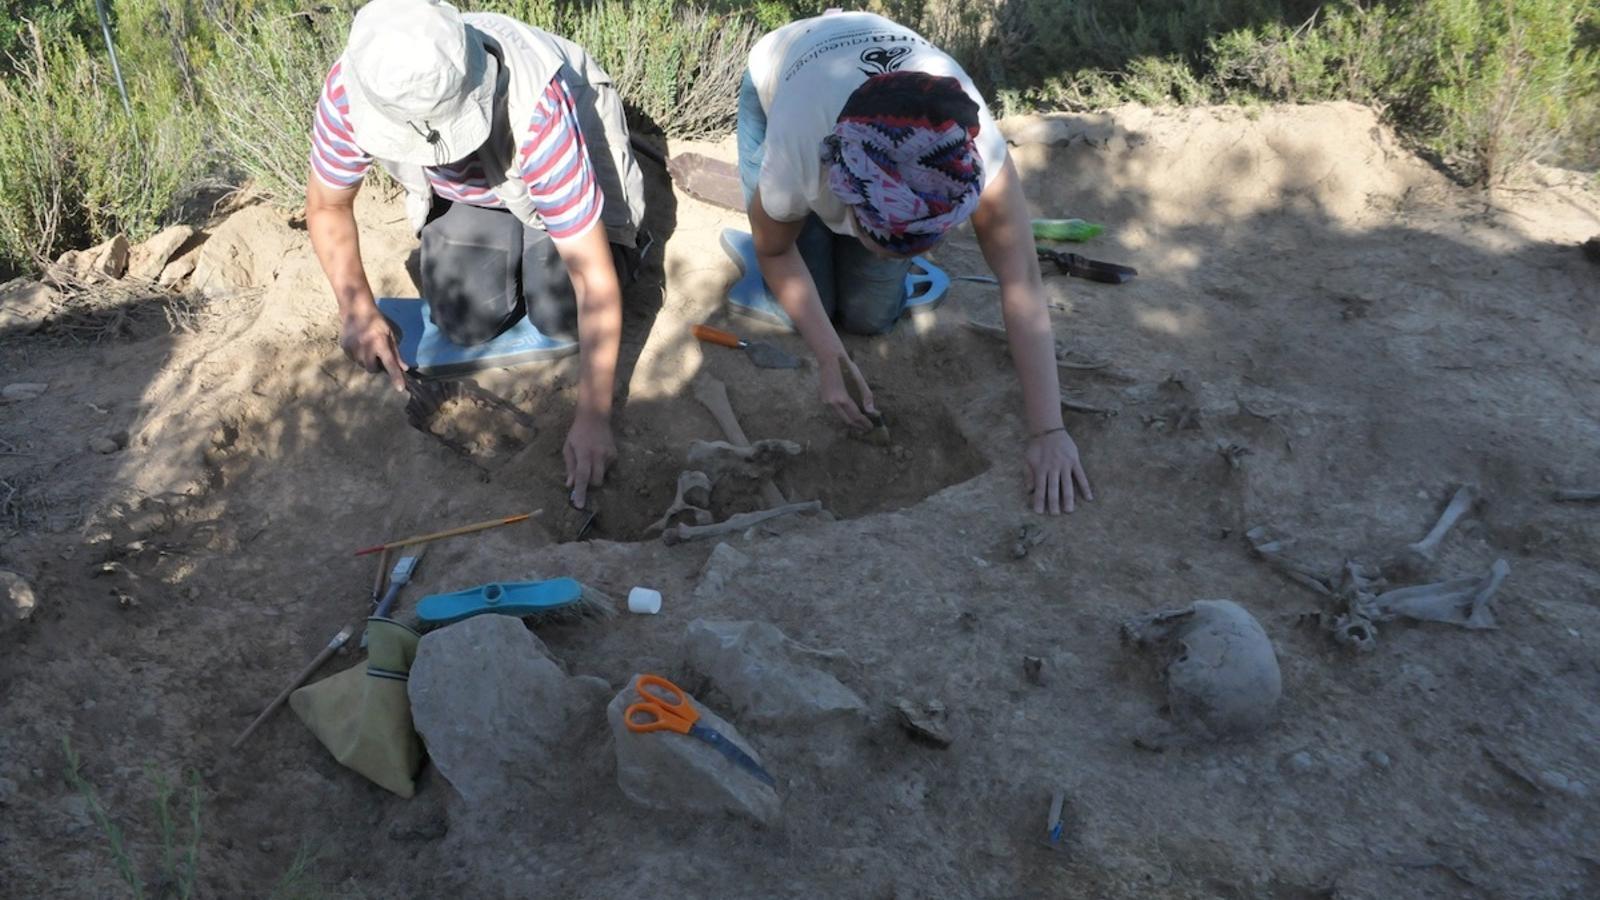 Els arqueòlegs durant la feina d'excavació al Cogul